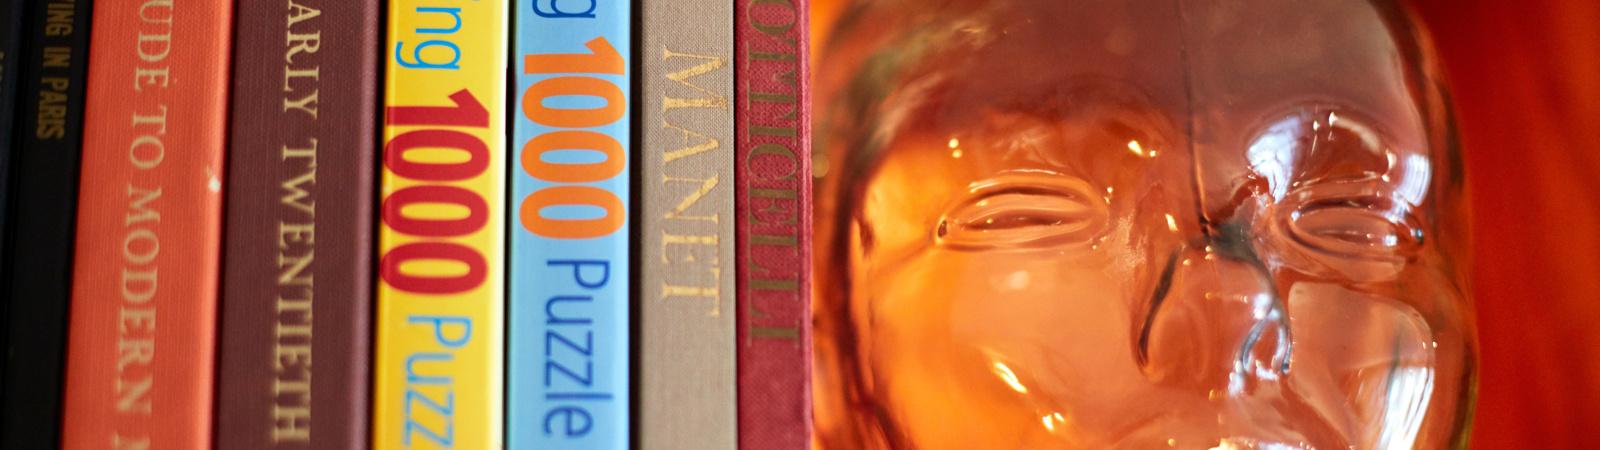 Hotel Avante_Book_Shelf